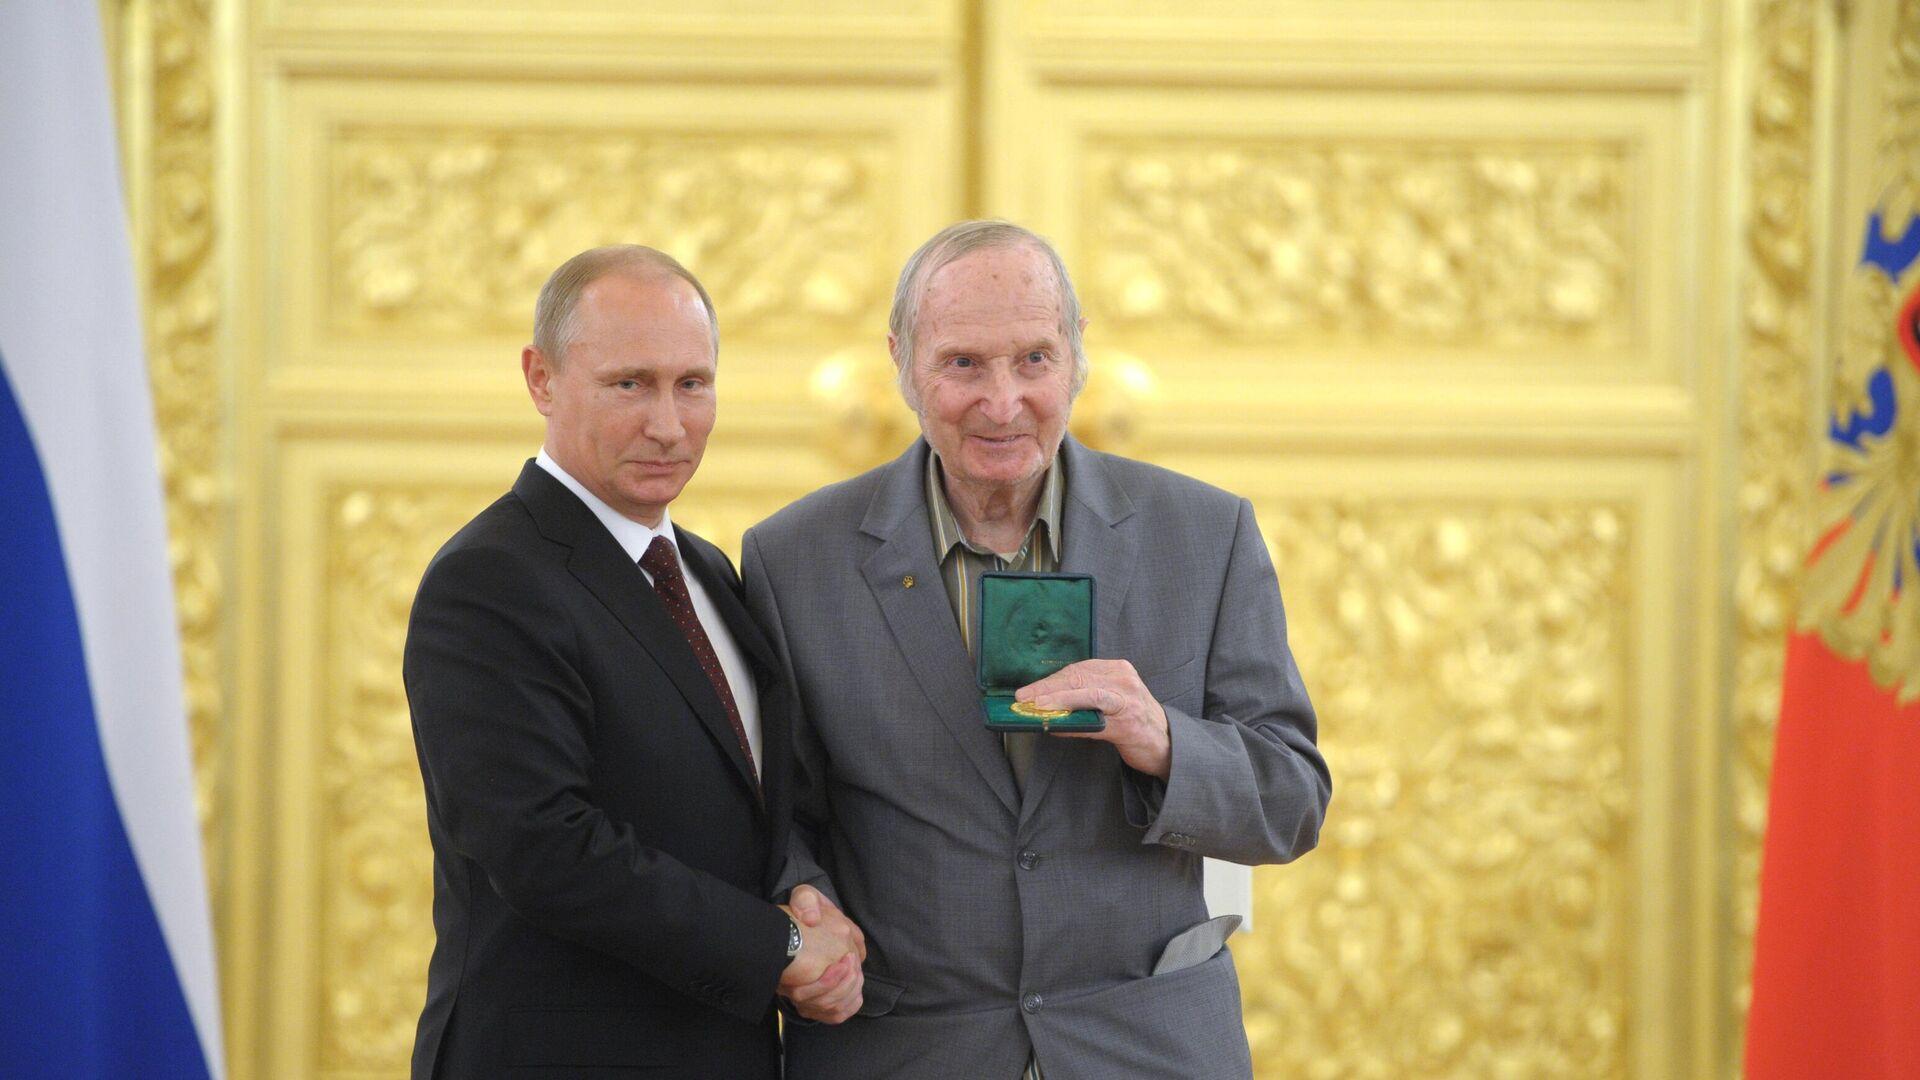 Víctor Shuválov, integrante de la primera selección soviética de hockey con Vladímir Putin, el presidente ruso - Sputnik Mundo, 1920, 19.04.2021